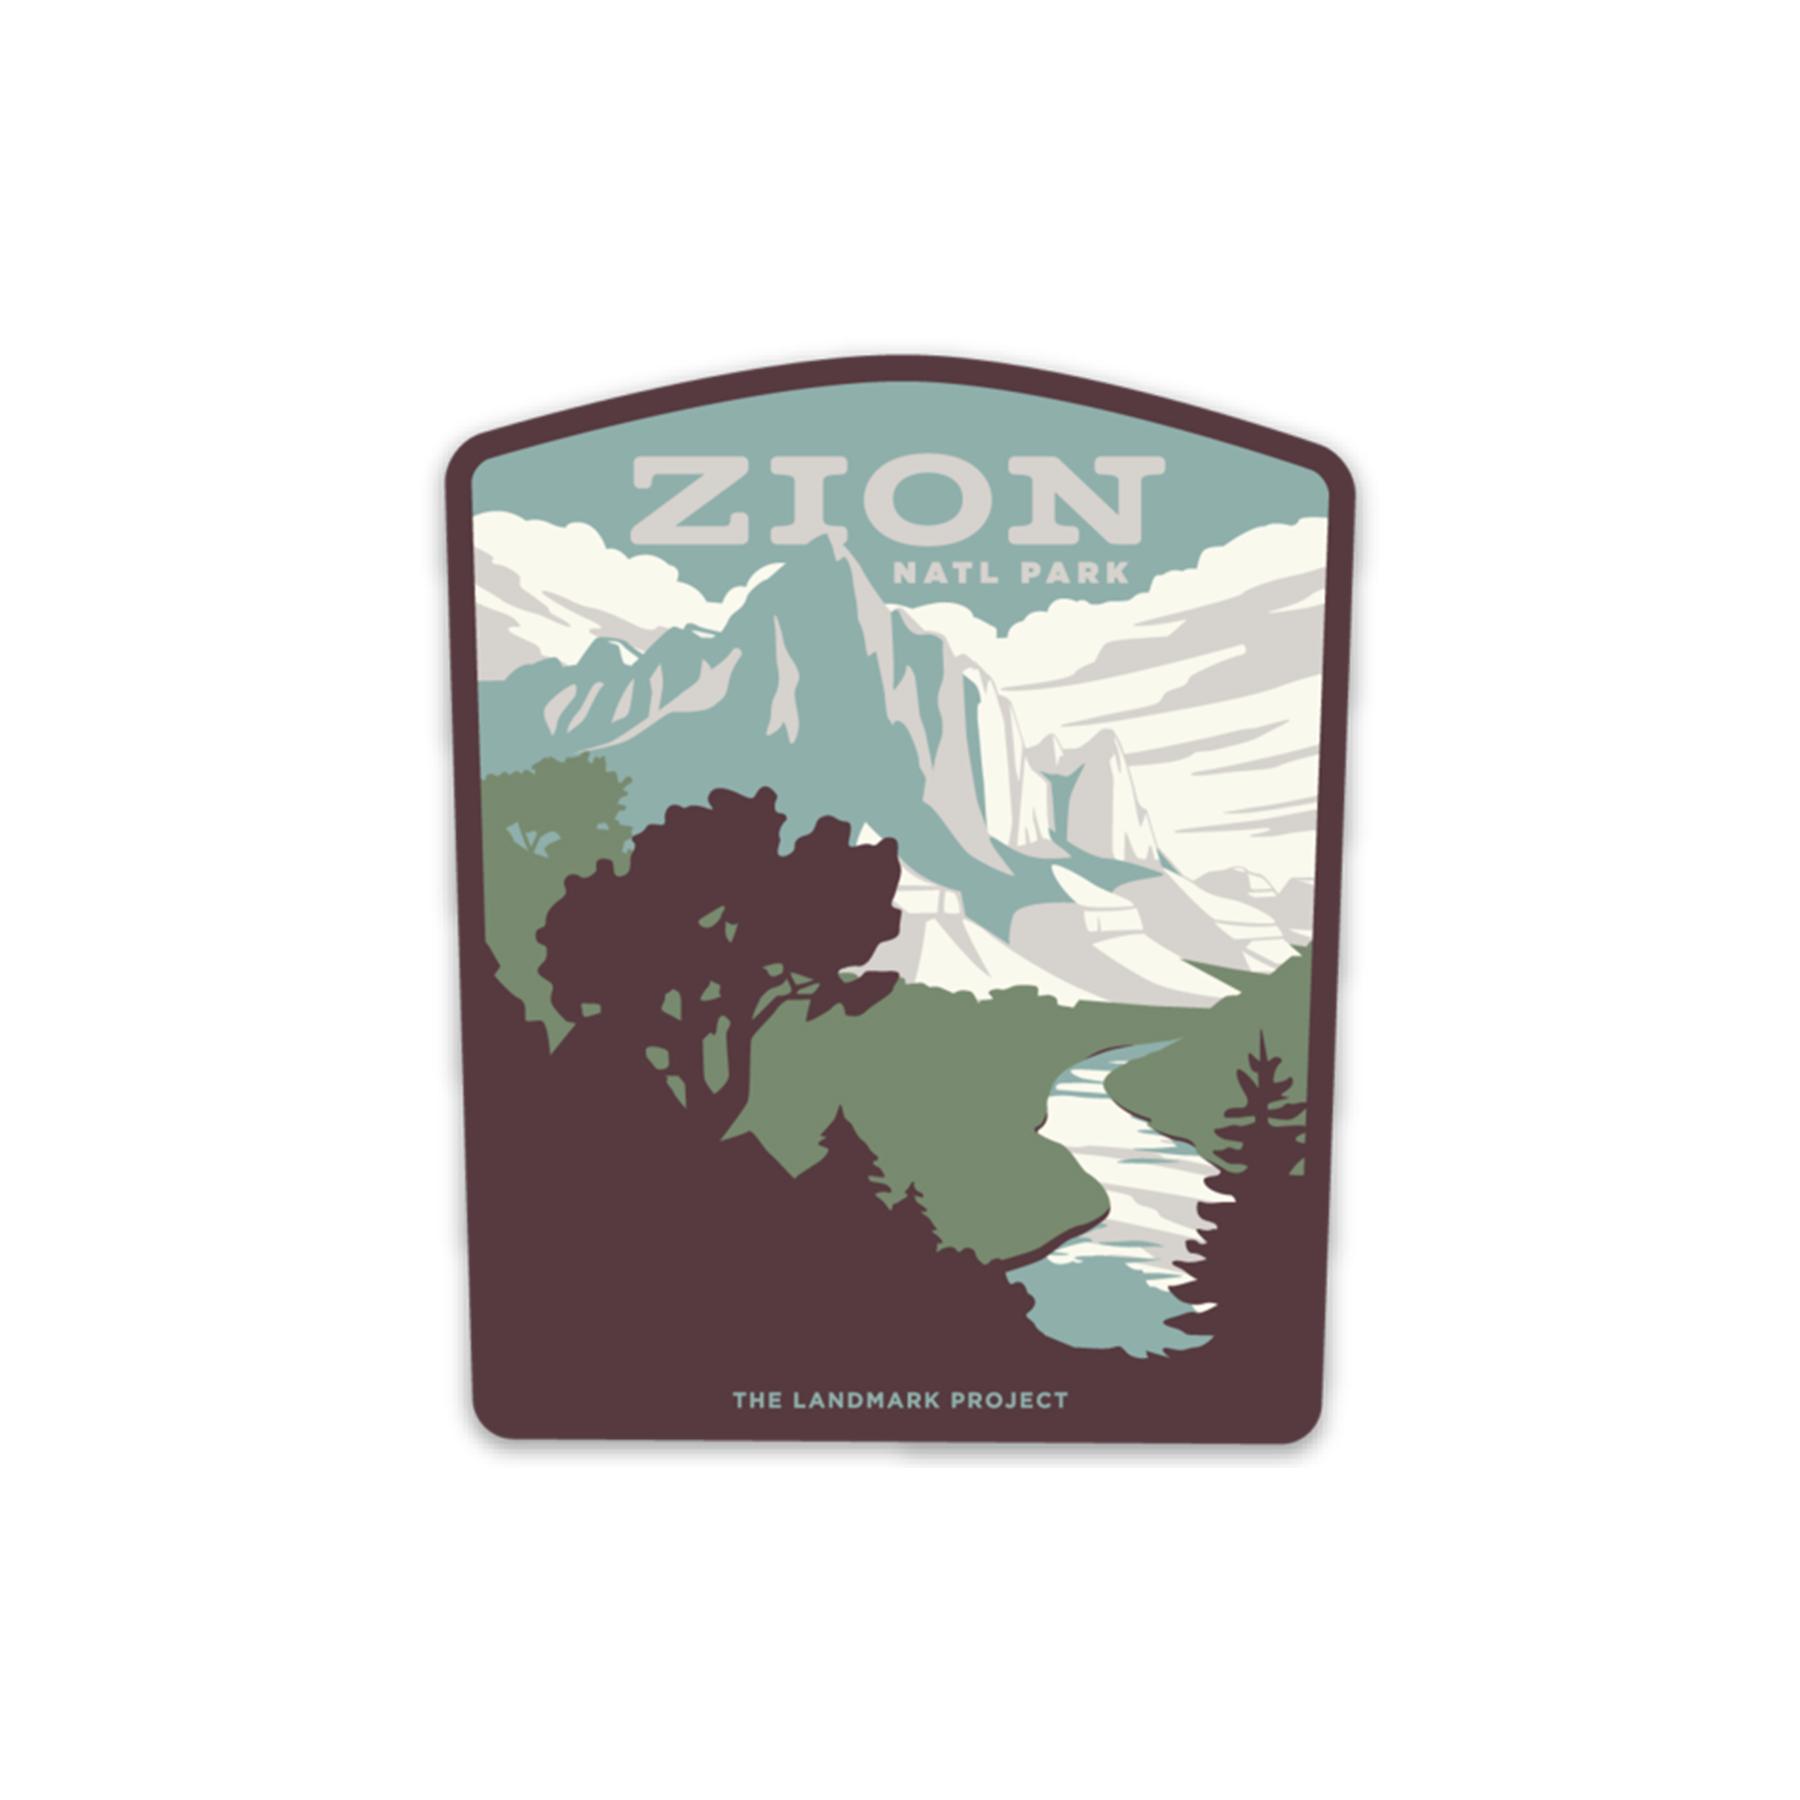 zion-sticker-2.jpg